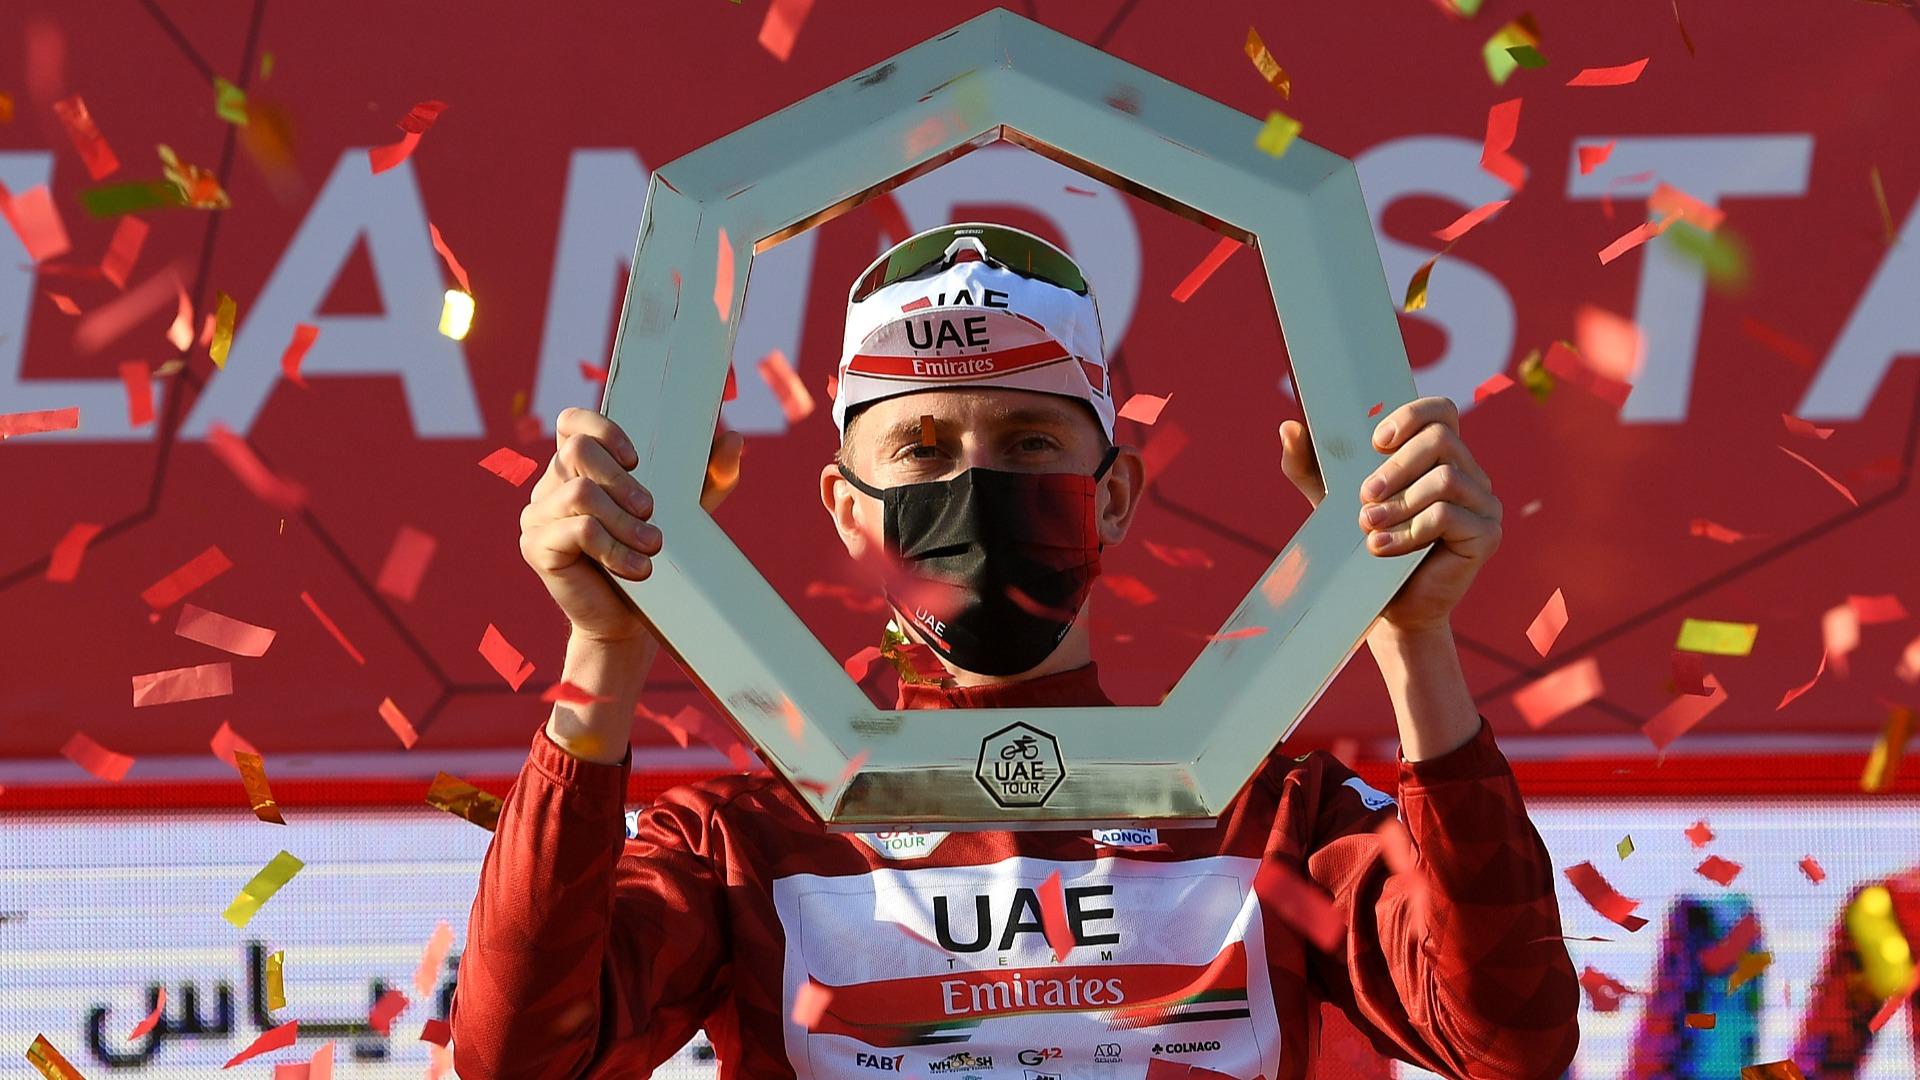 Tour de France champion Pogacar commits to UAE Team Emirates until 2026